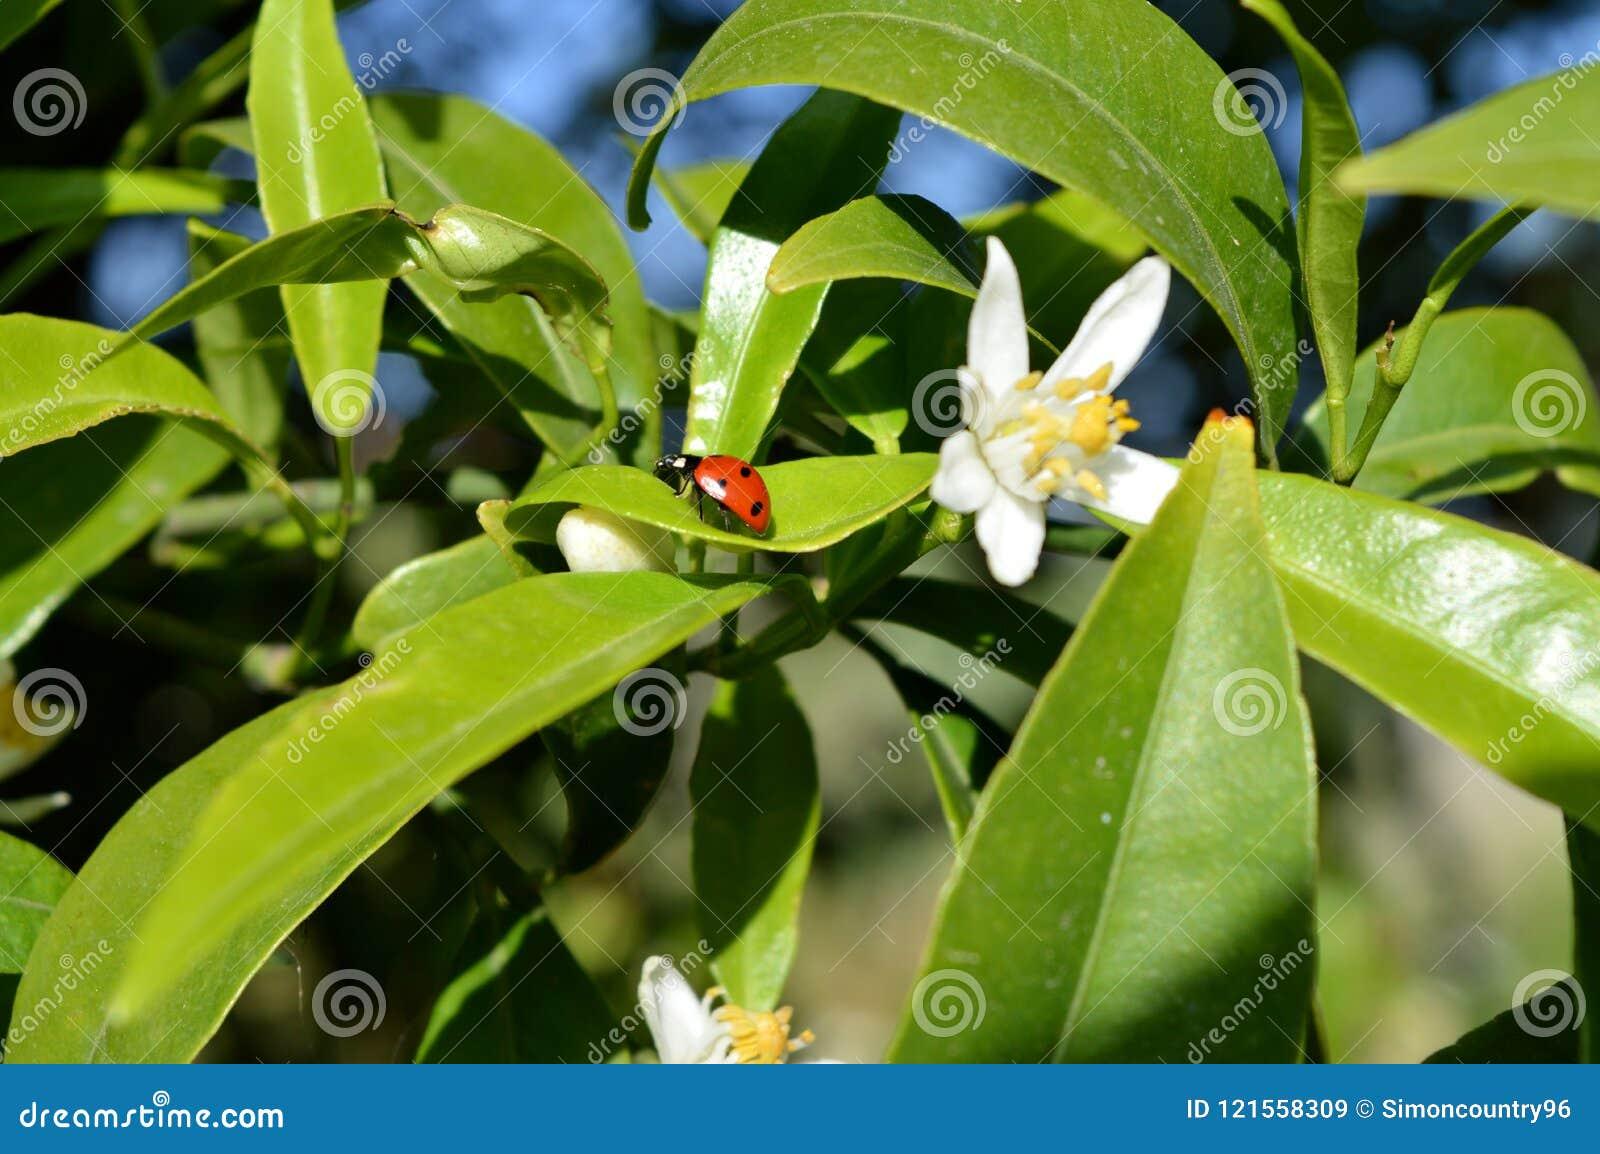 Close-up van een Onzelieveheersbeestje op Clementine Leaf, Aard, Macro